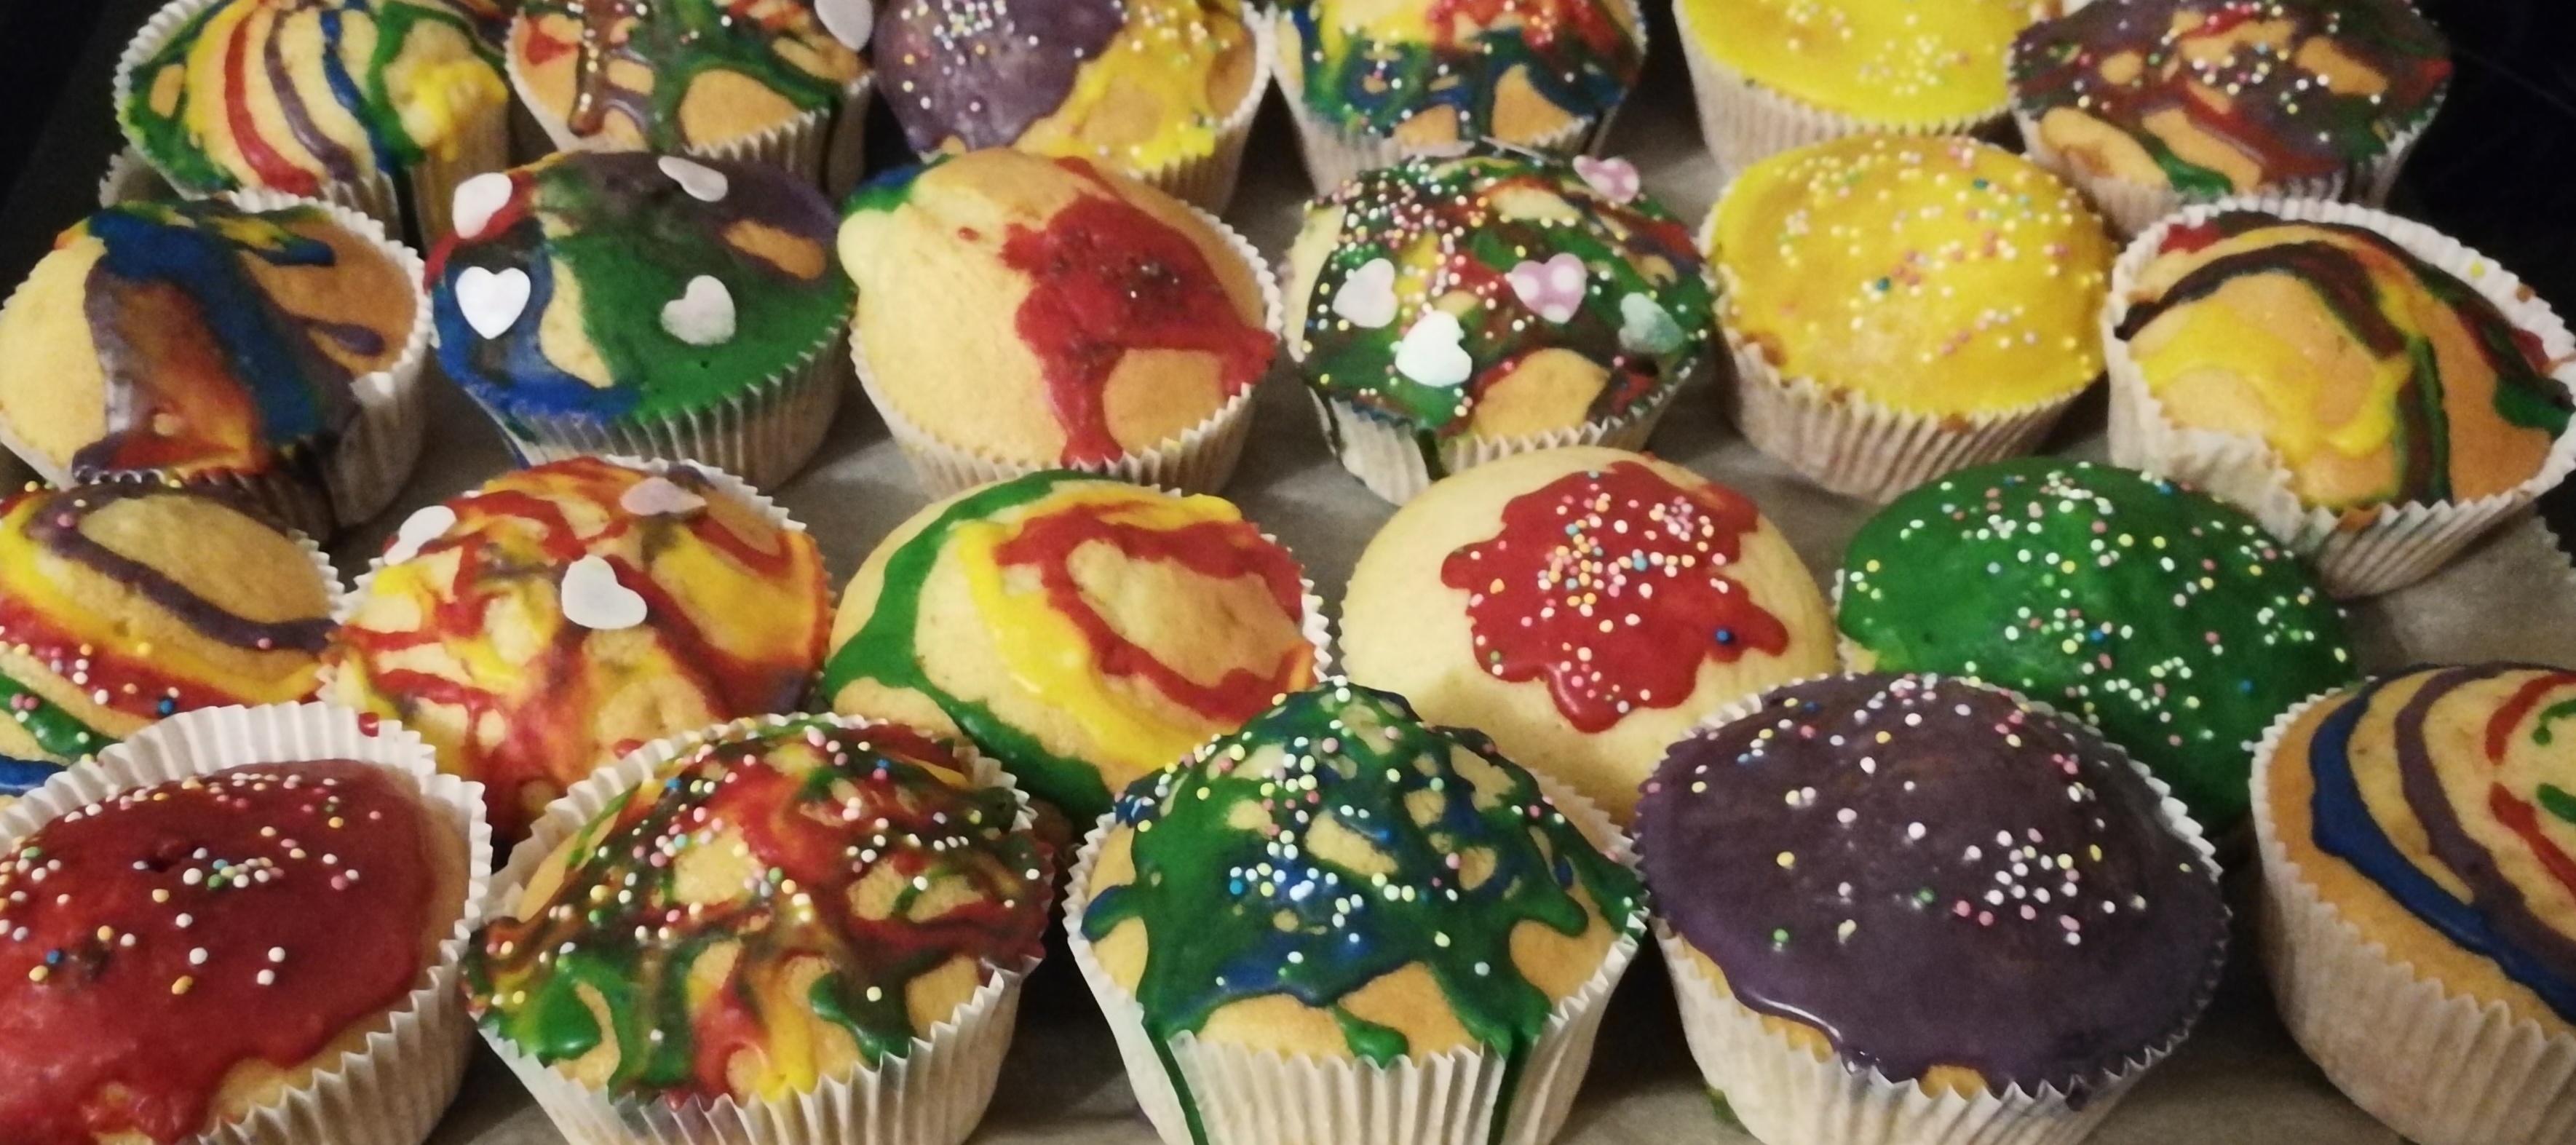 Kuchen, Kekse, Muffins... Was kommt bei euch in die Röhre?